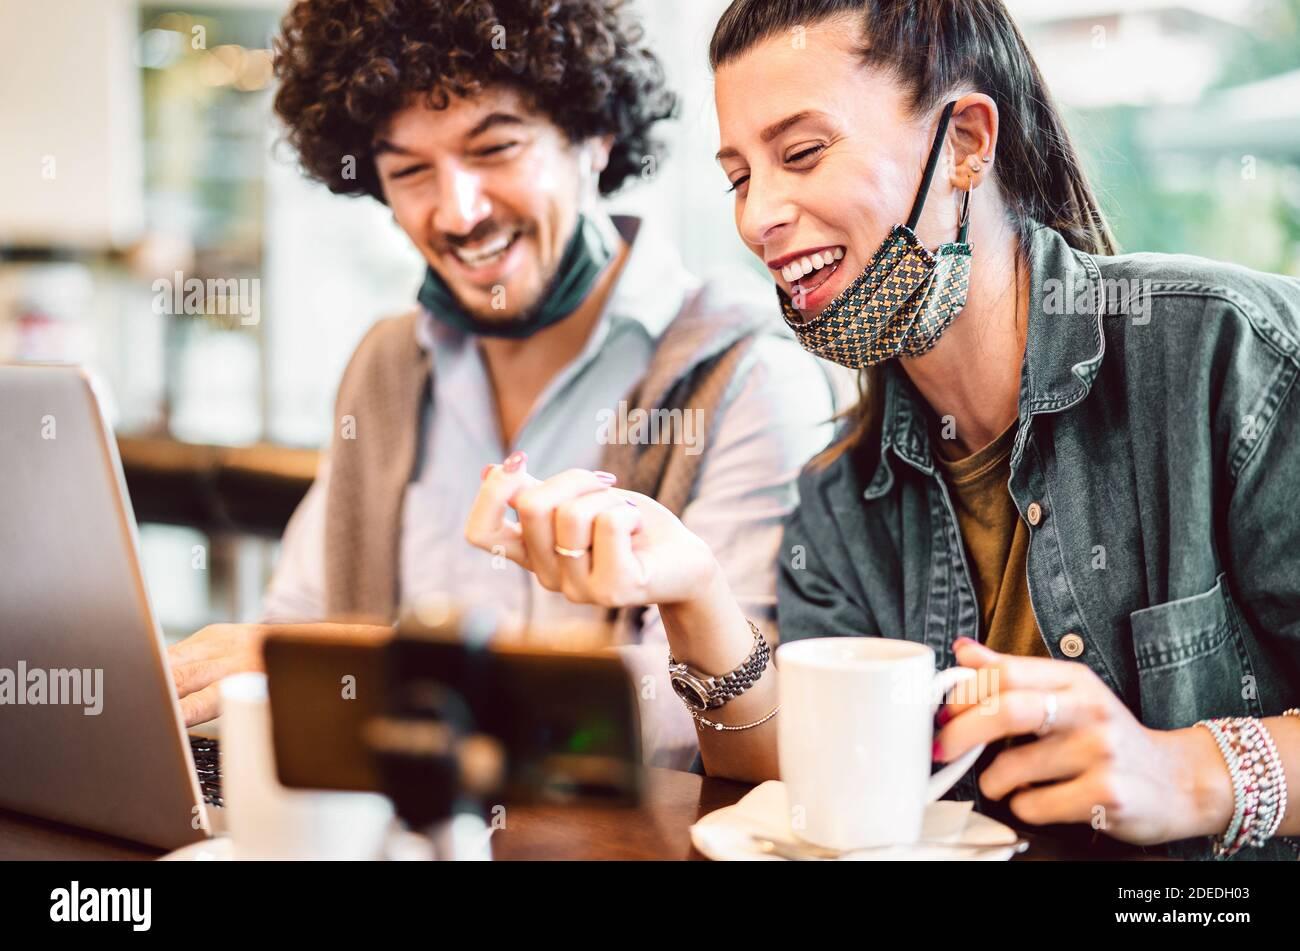 Jóvenes influencers mileniales compartiendo contenido creativo en la plataforma de streaming - Concepto de marketing moderno con pareja de próxima generación que se divierte Foto de stock